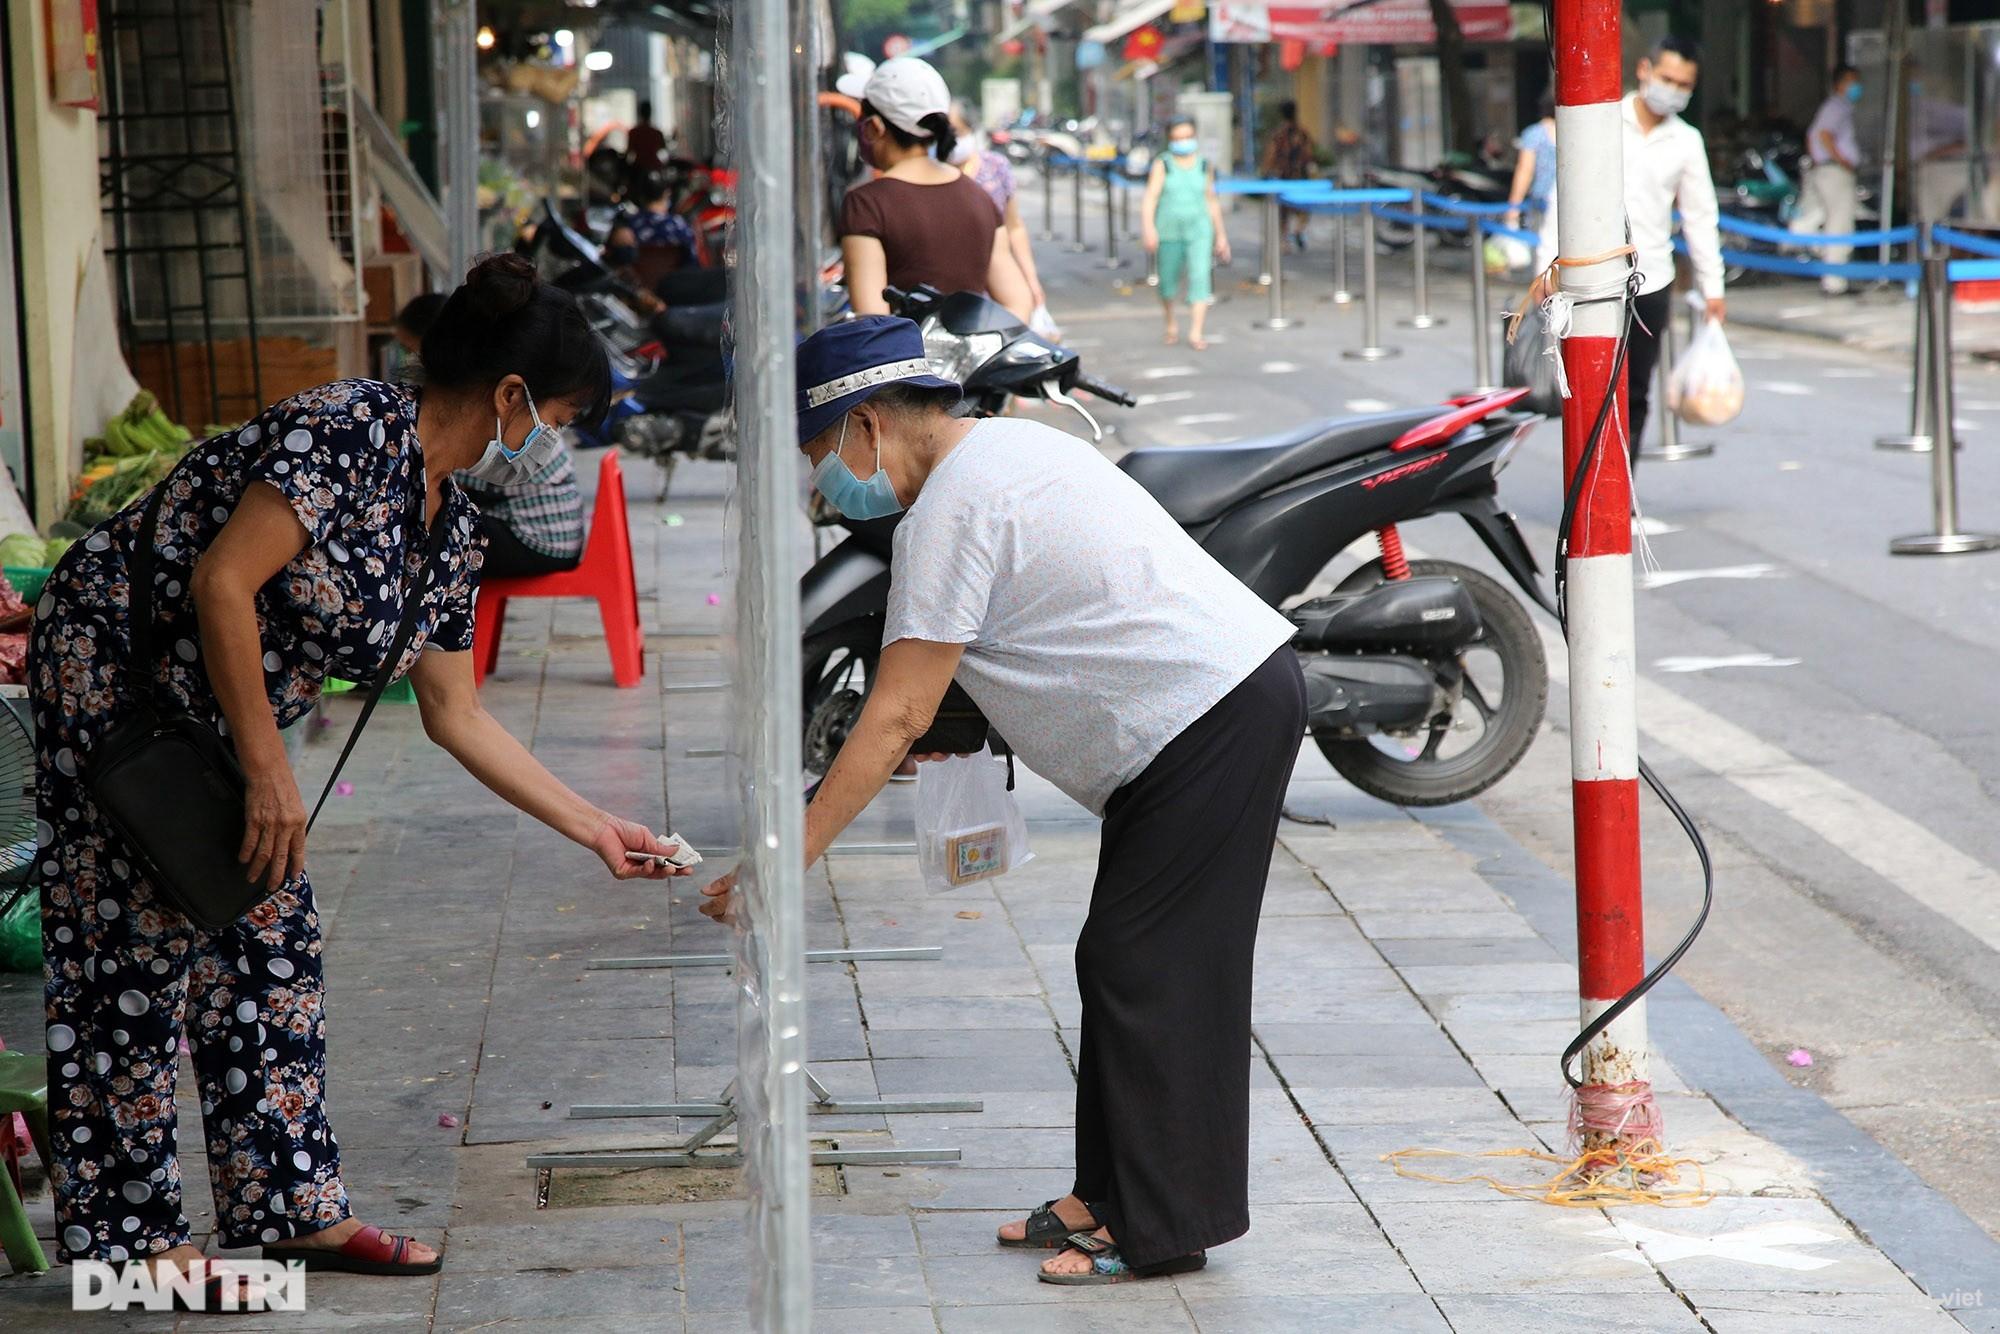 Mới lạ cảnh mua bán bằng ám hiệu ngón tay ở chợ nhà giàu phố cổ Hà Nội - 13